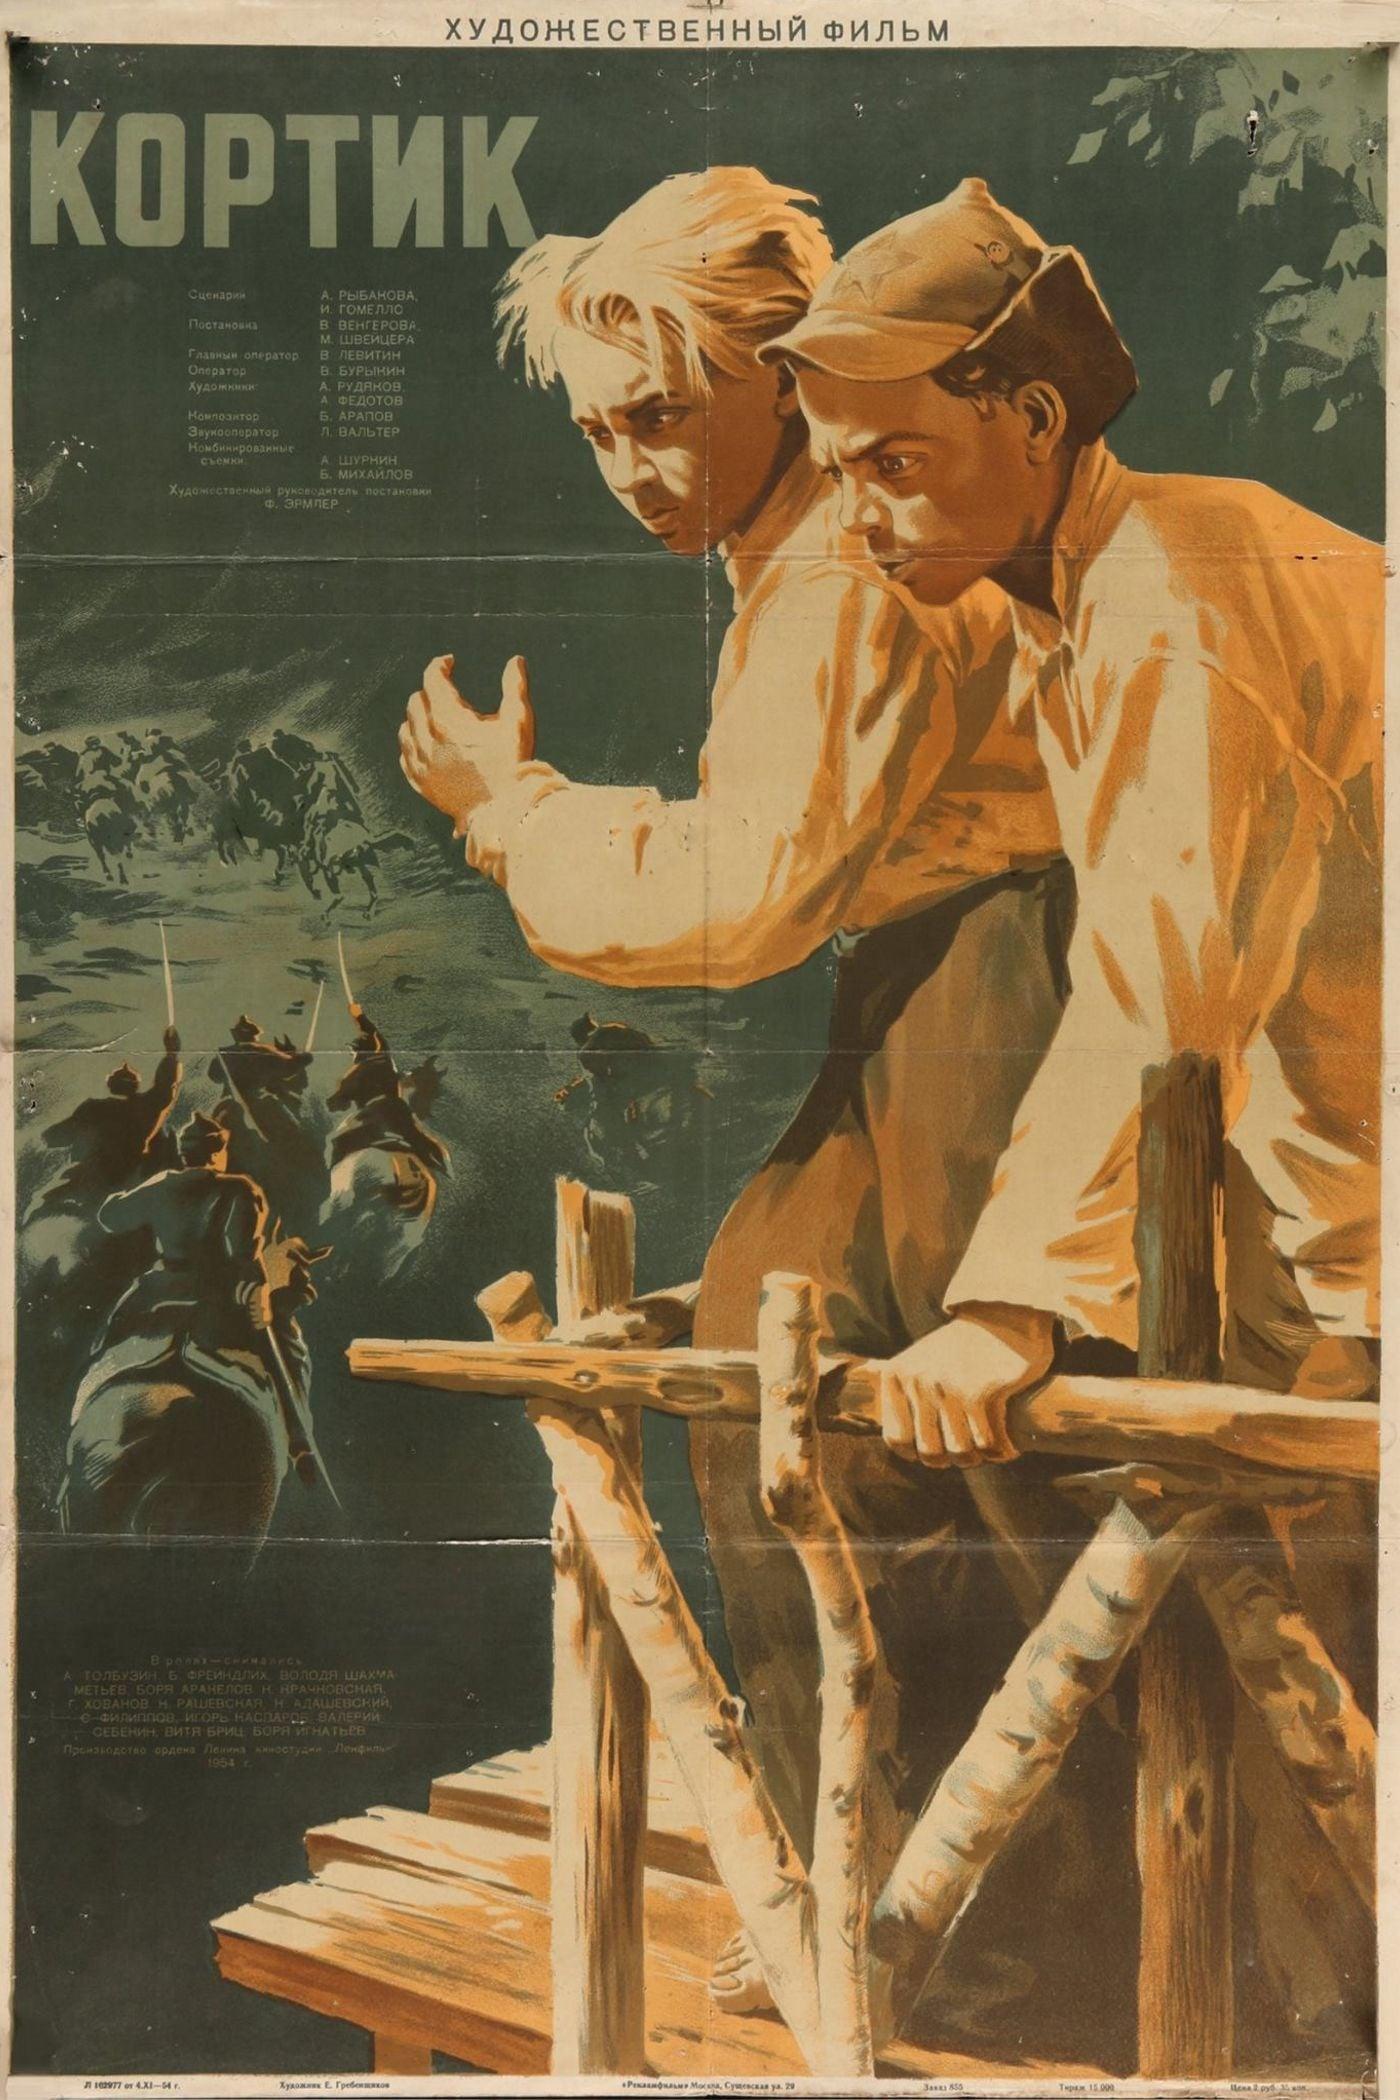 кортик фильм 1955 актеры воду